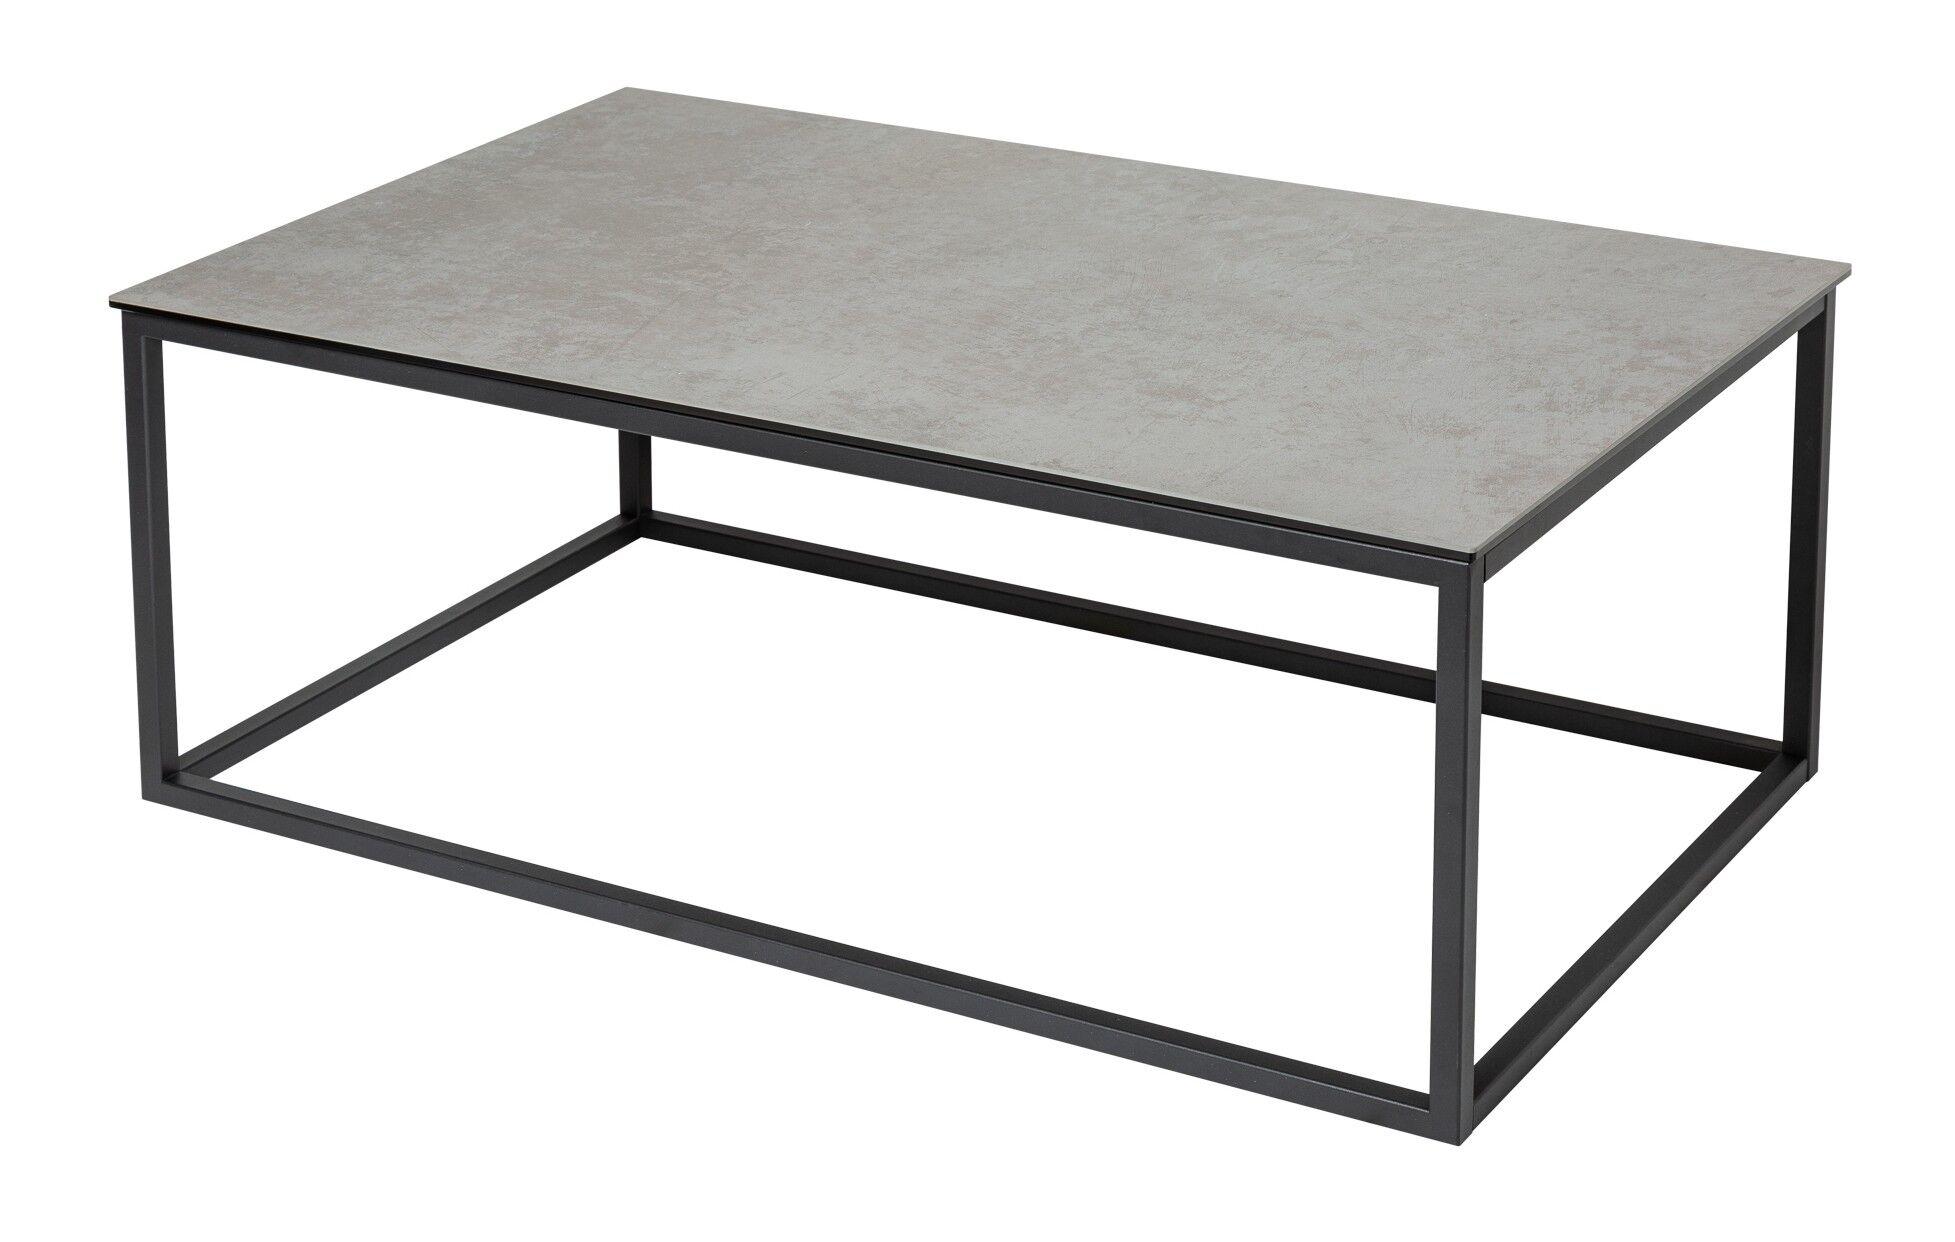 gdegdesign Table basse rectangle plateau verre et céramique gris béton ciré - Baldo